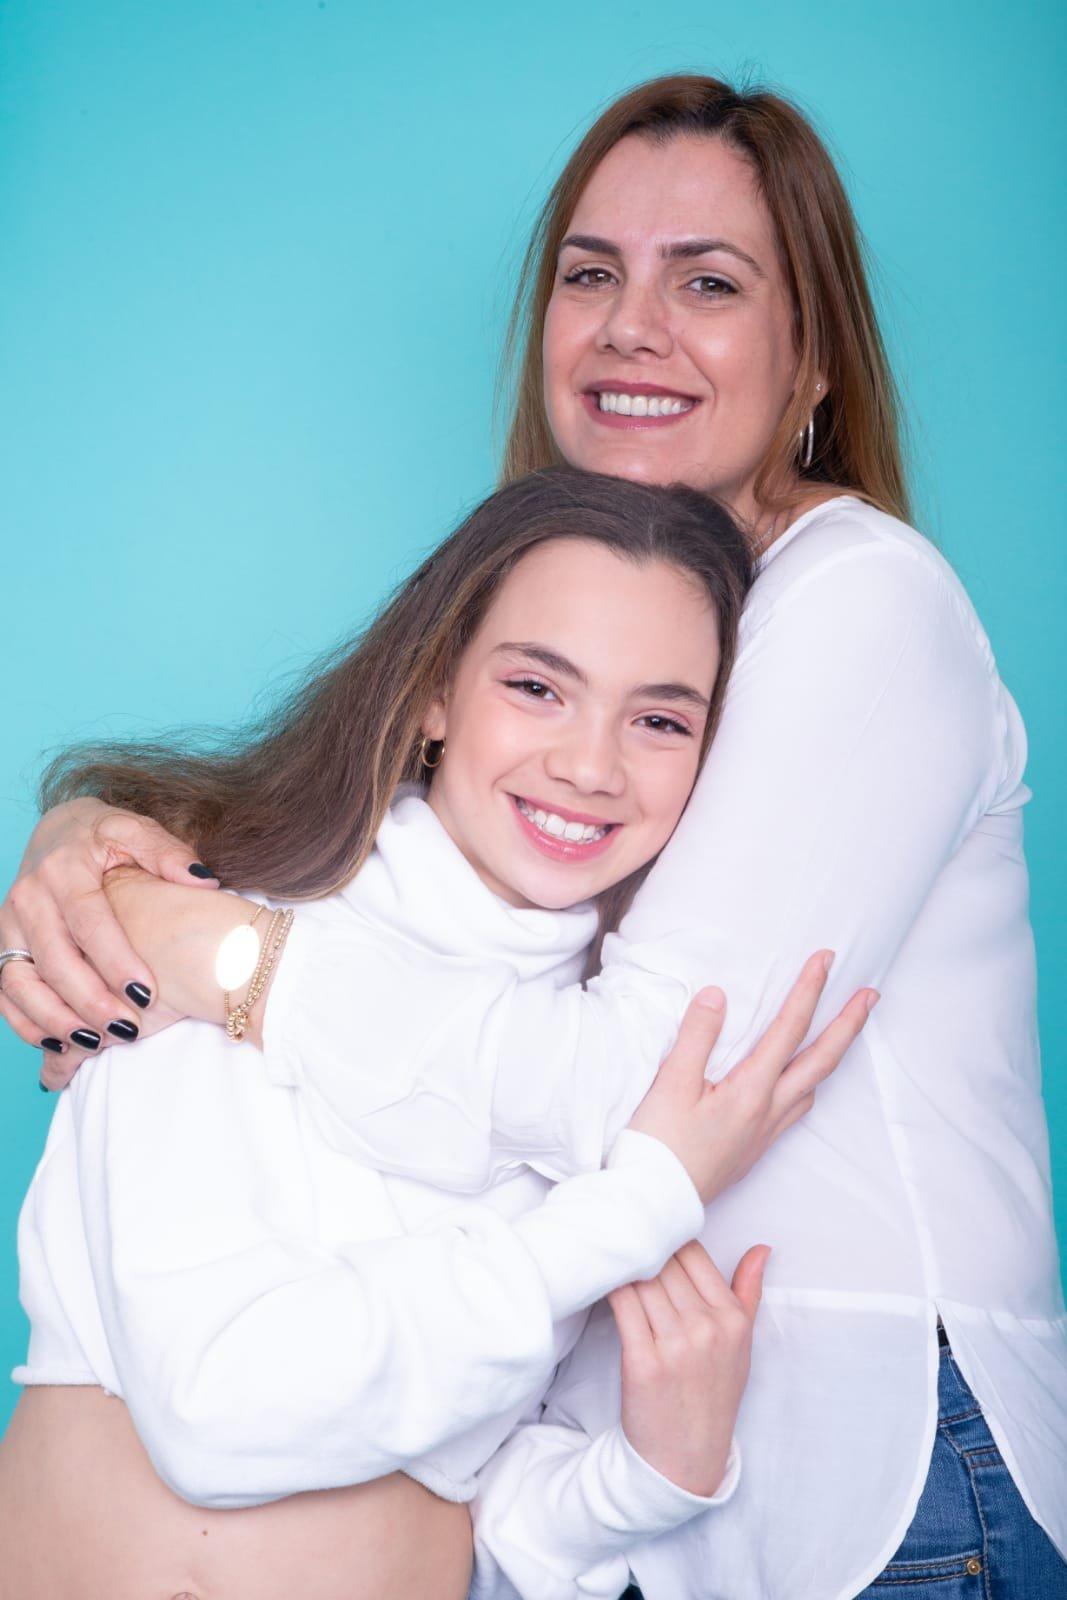 יחסים במשפחה, הורות למתבגרים, יעוץ הורי, הנחיית הורים